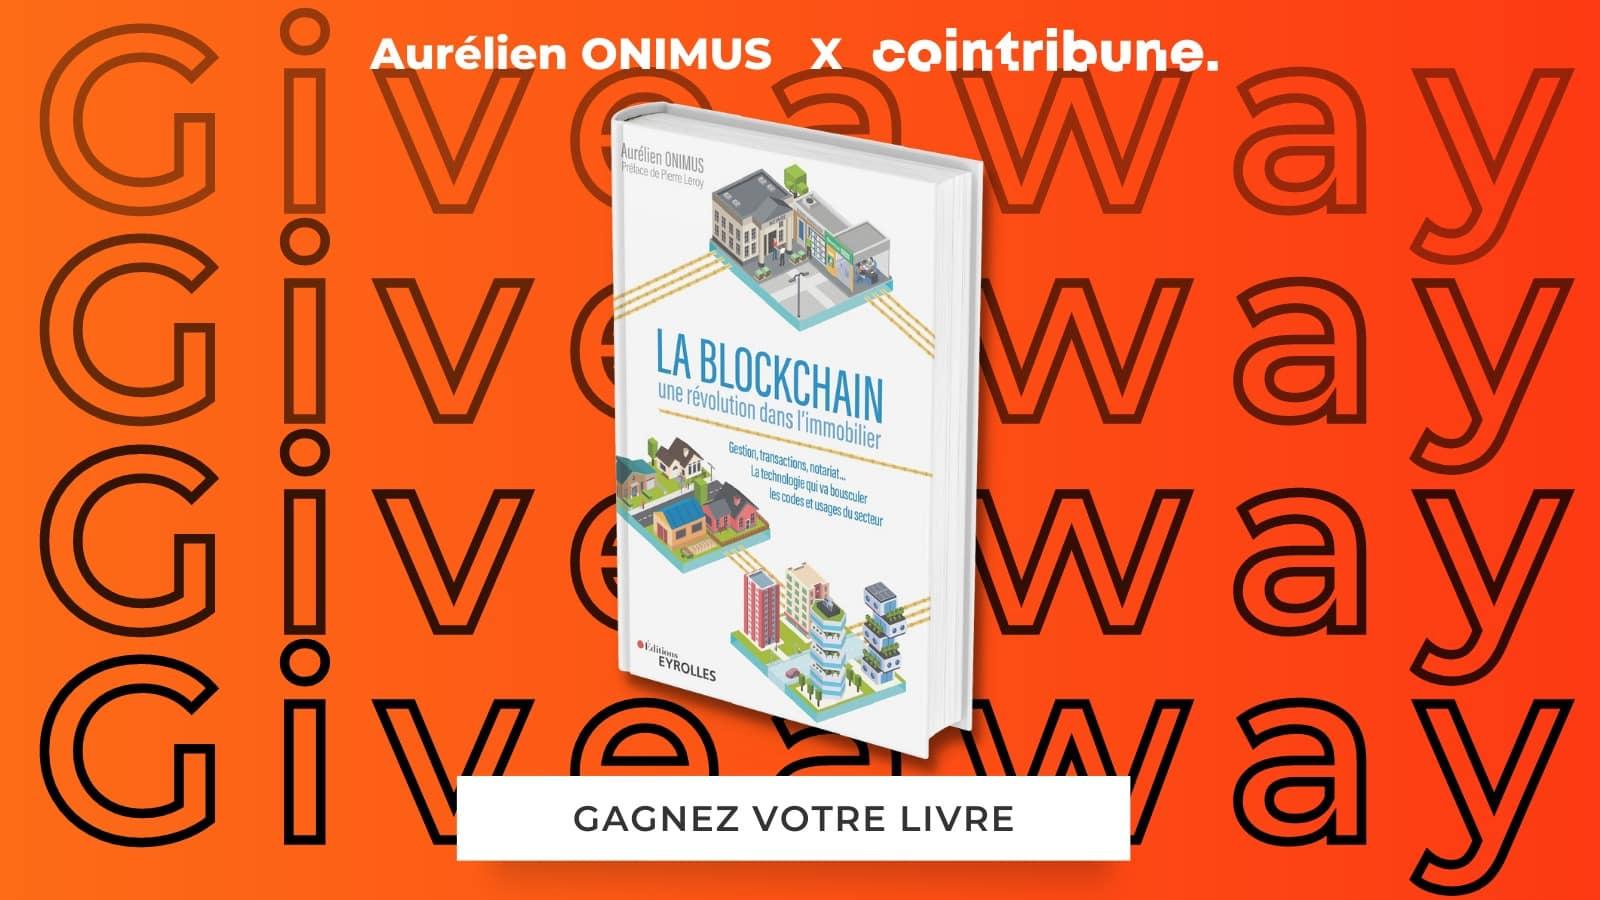 Gagnez votre exemplaire du livre La Blockchain une révolution dans l'Immobilier